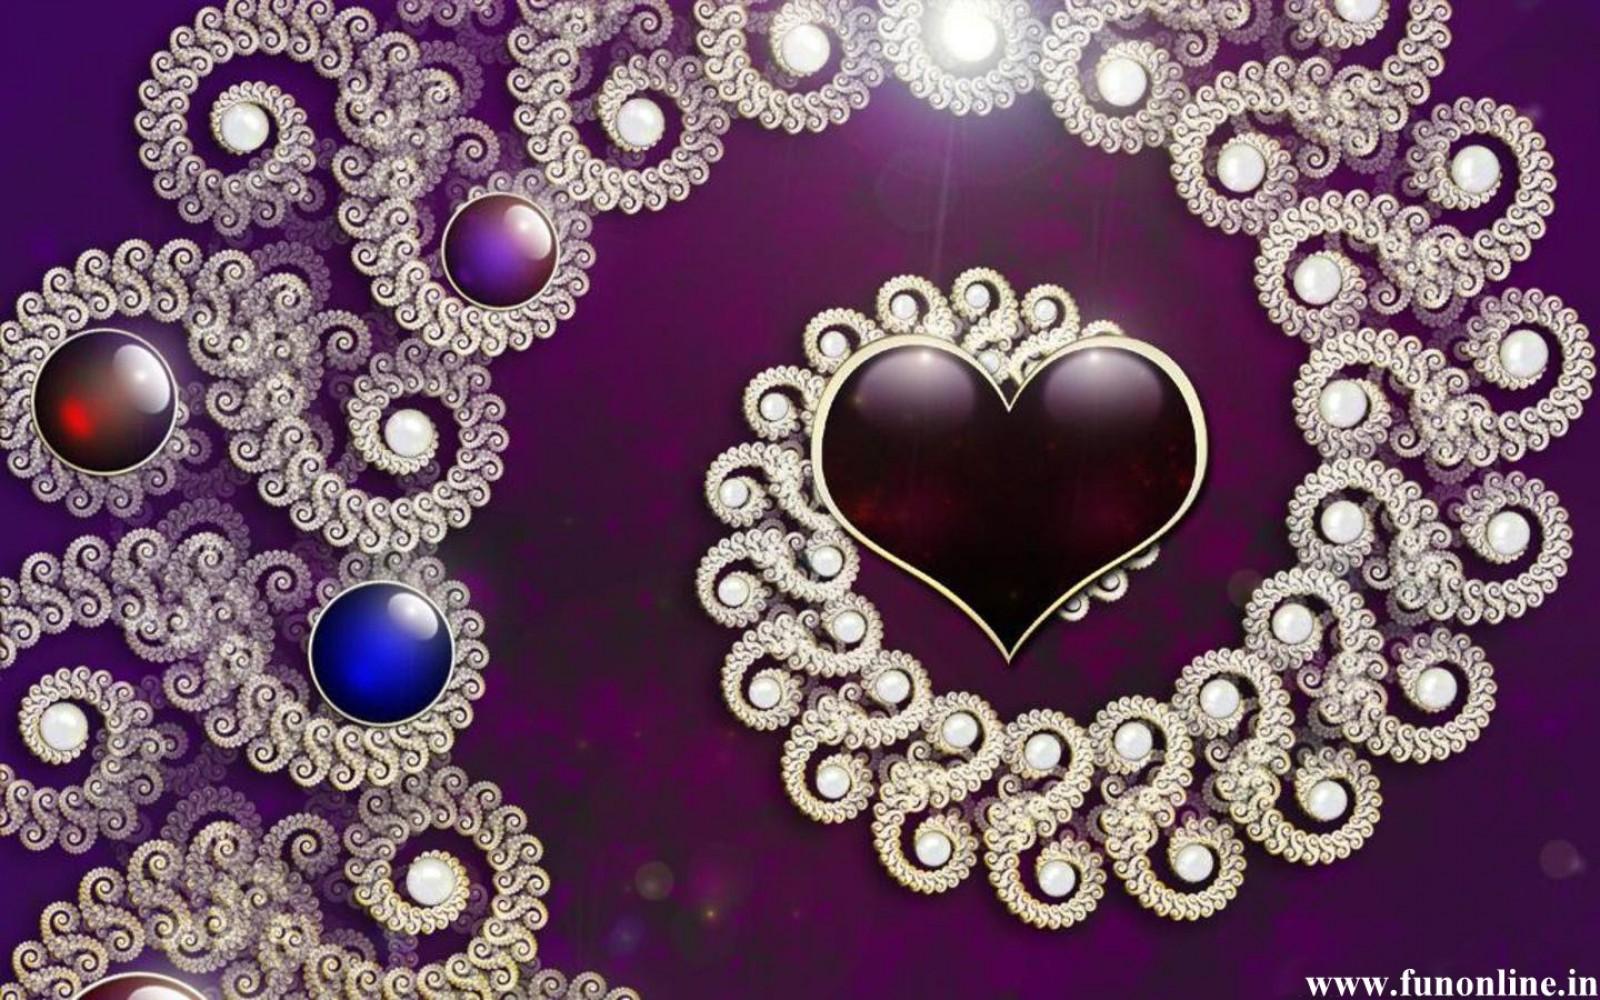 Best Love Wallpapers HD - WallpaperSafari